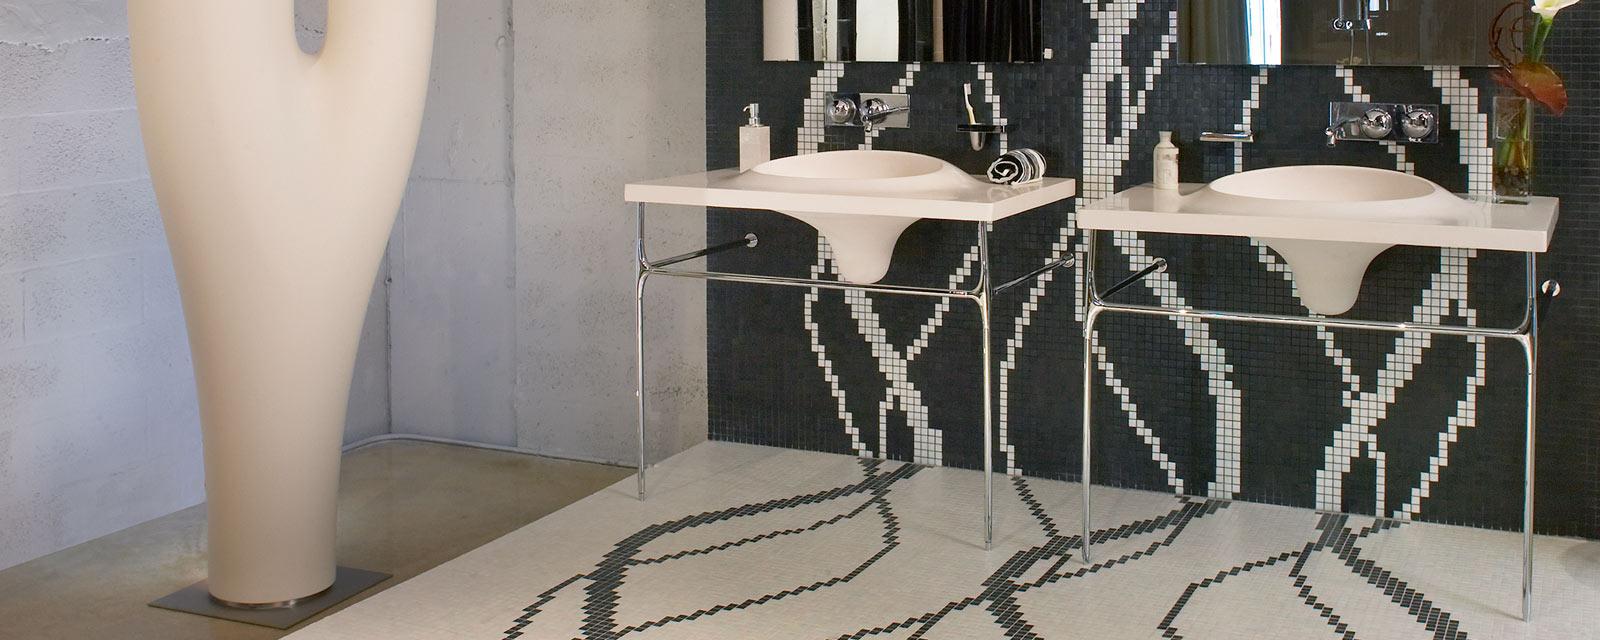 Carrelage Salle De Bain Avec Mosaique mosaïque salle de bain : idées déco | guide artisan